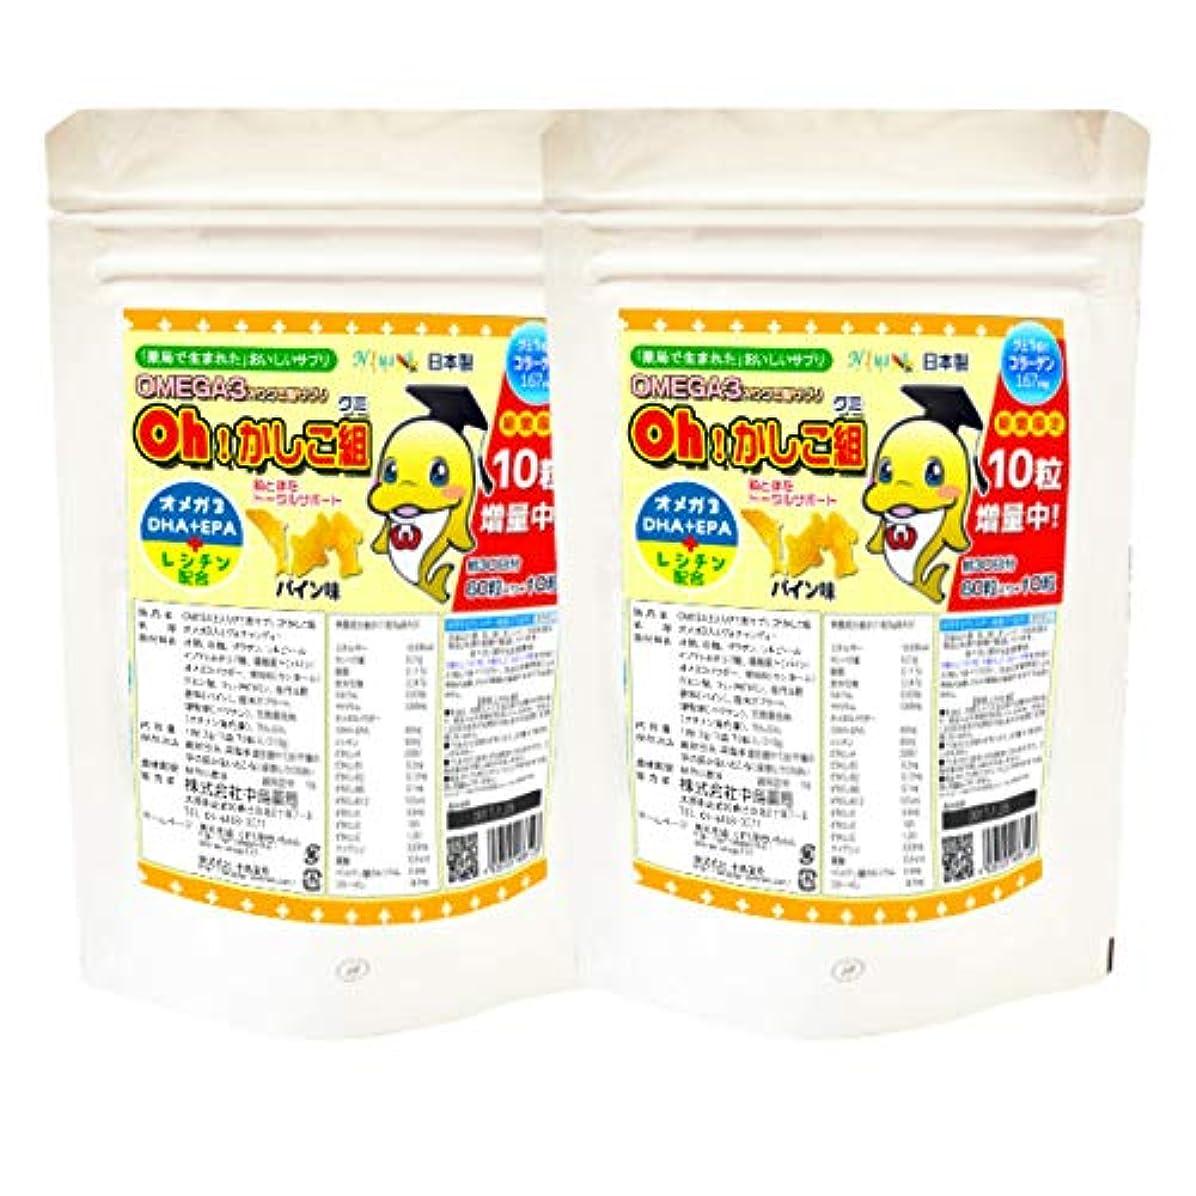 芸術ファンタジーエミュレートするオメガ3グミ2袋セット【Oh!かしこ組オメガ3グミ60粒入(約1か月分)×2袋セット】今なら10粒増量中!パイナップル味?(レシチン+マルチビタミンも配合)